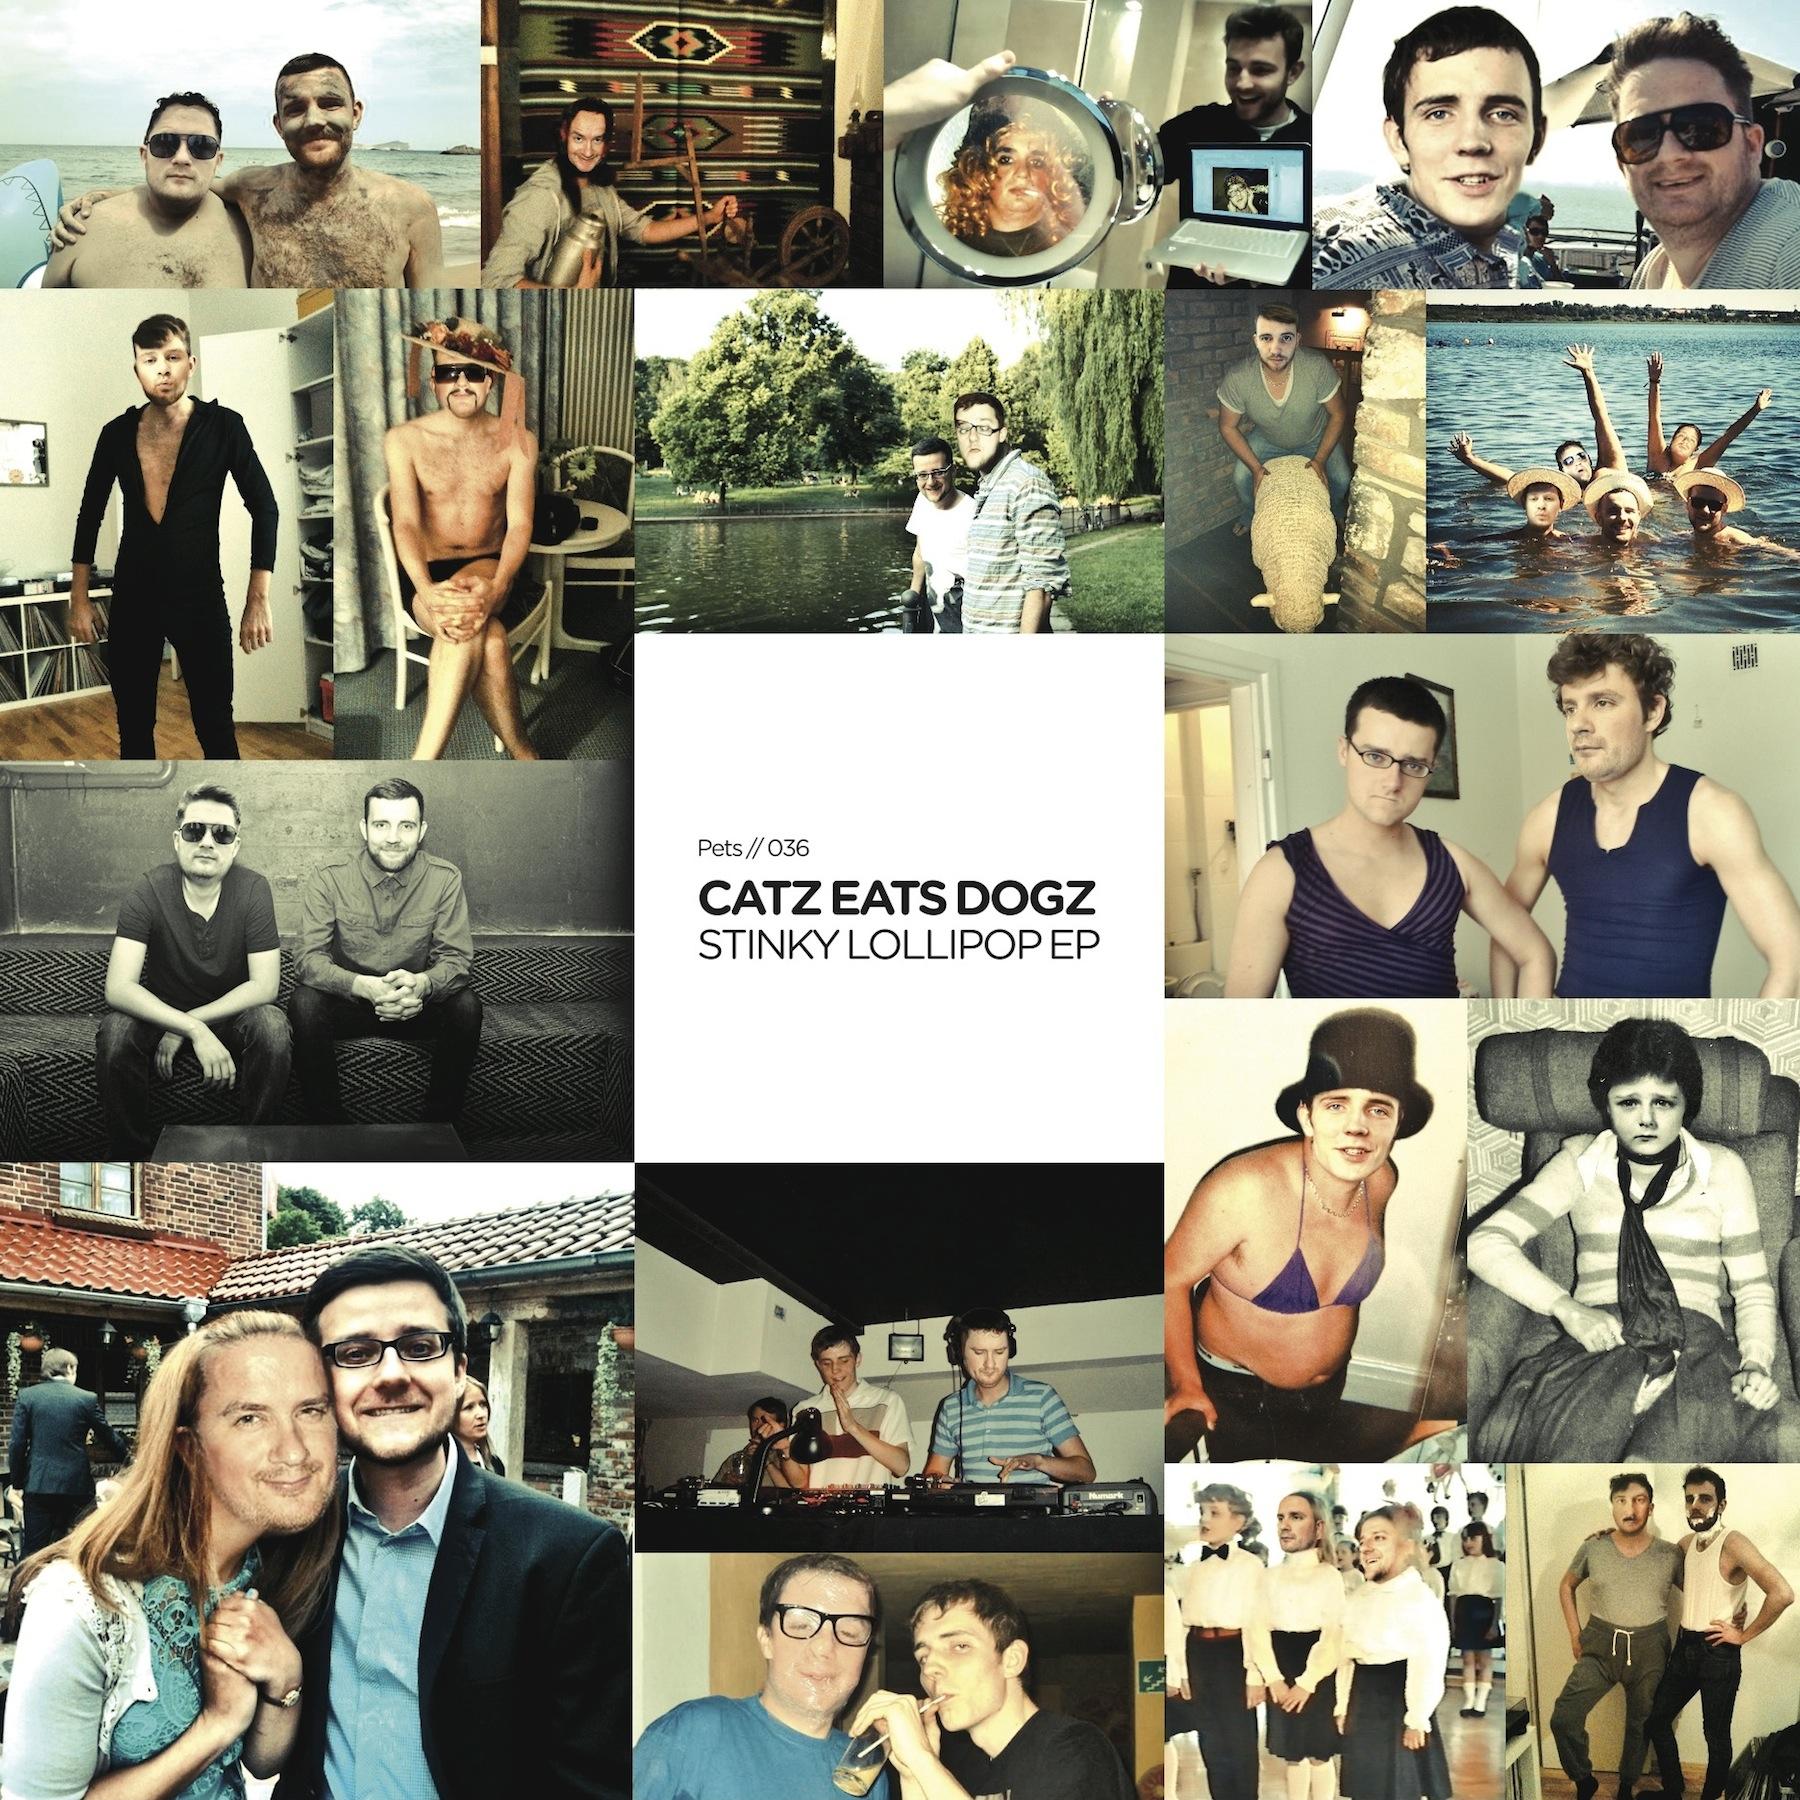 Catz Eats Dogz aka Catz 'n Dogz & Eats Everything - Stinky Lollipop EP [PETS036]